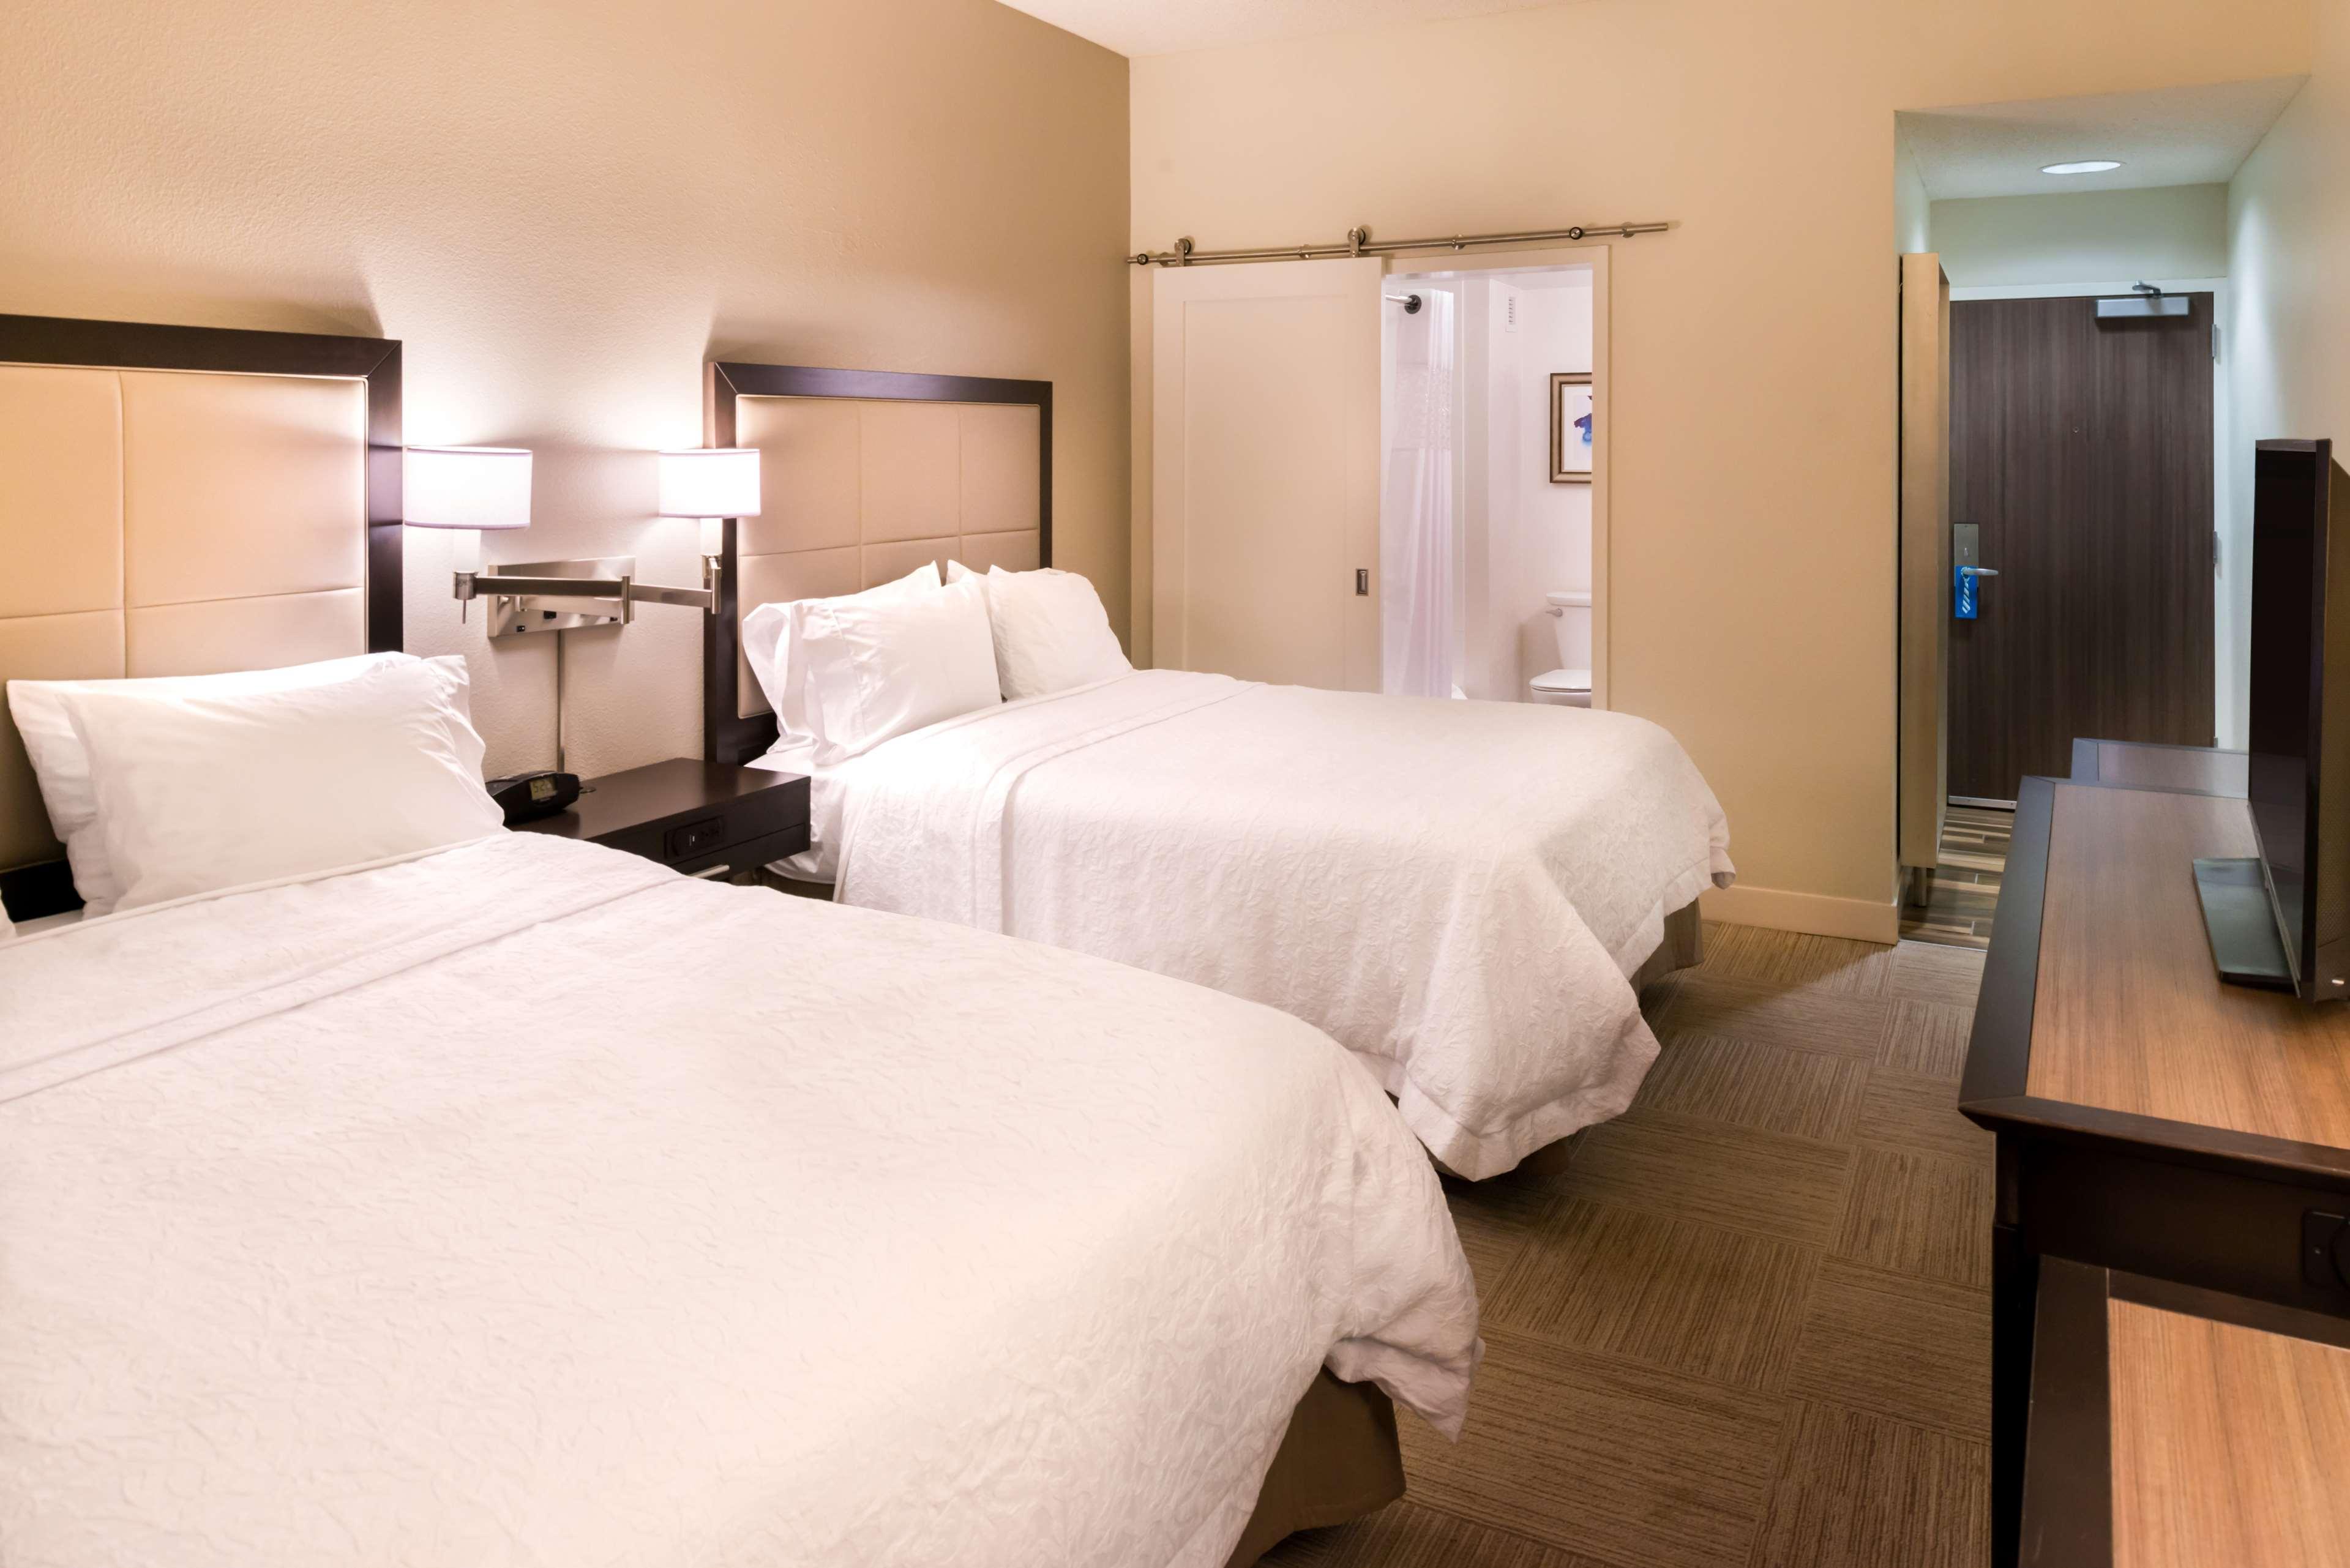 Hampton Inn & Suites Orlando/East UCF Area image 21